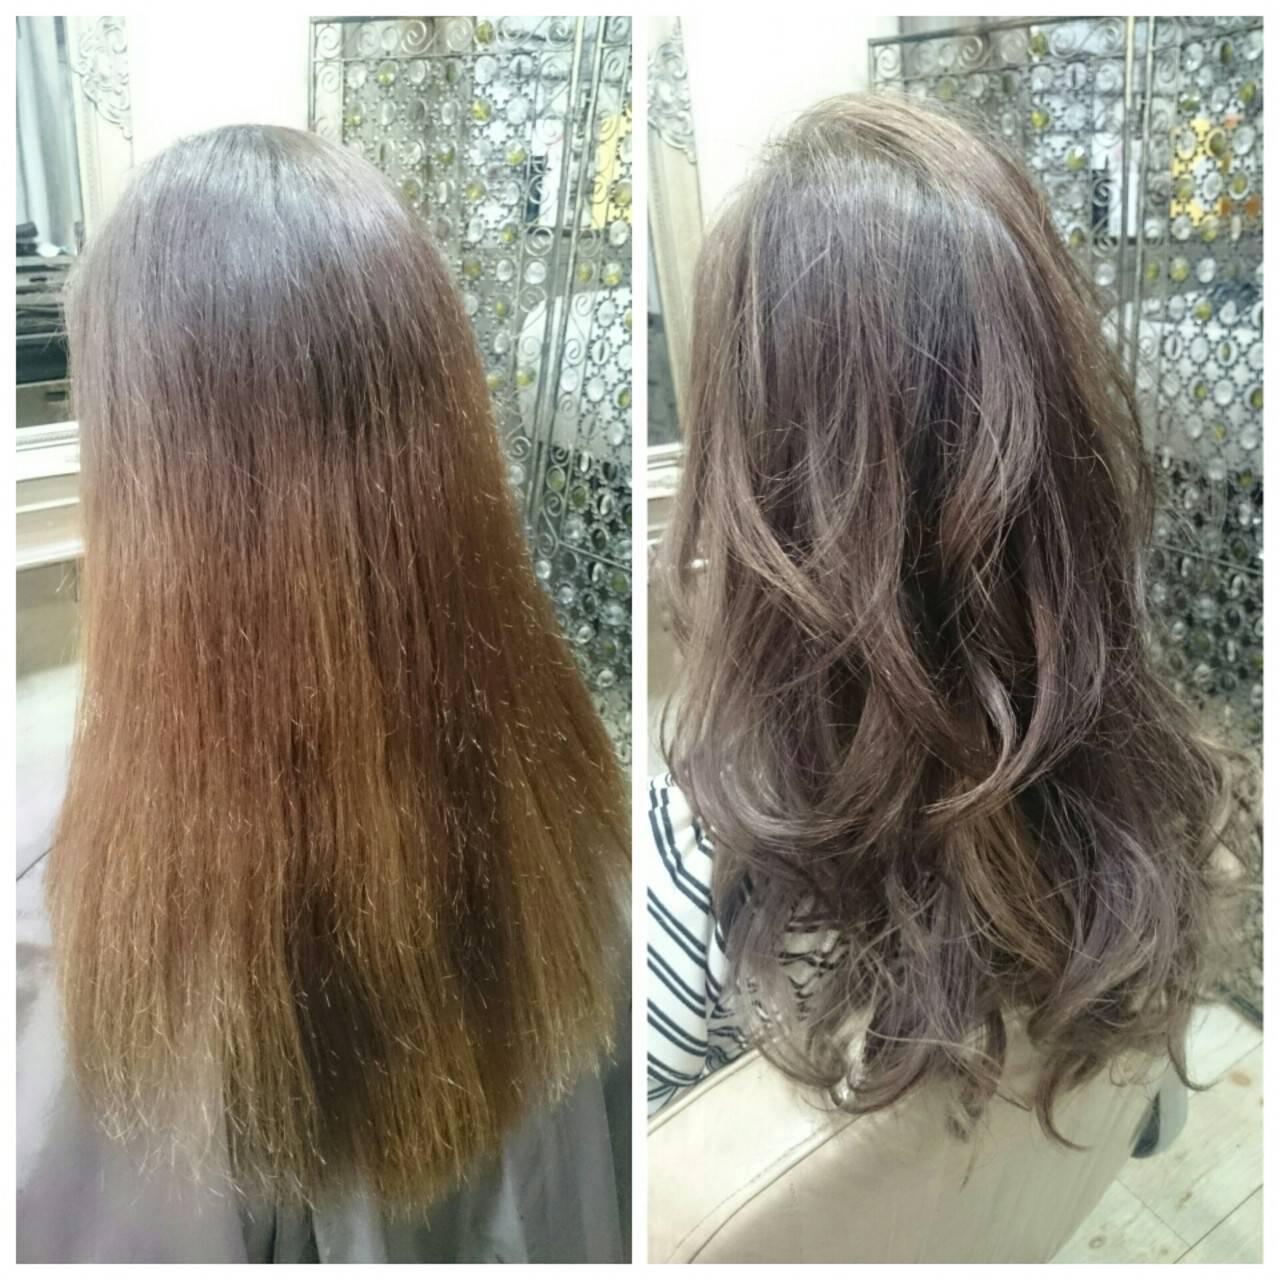 ロング アッシュ 外国人風 ハイライトヘアスタイルや髪型の写真・画像